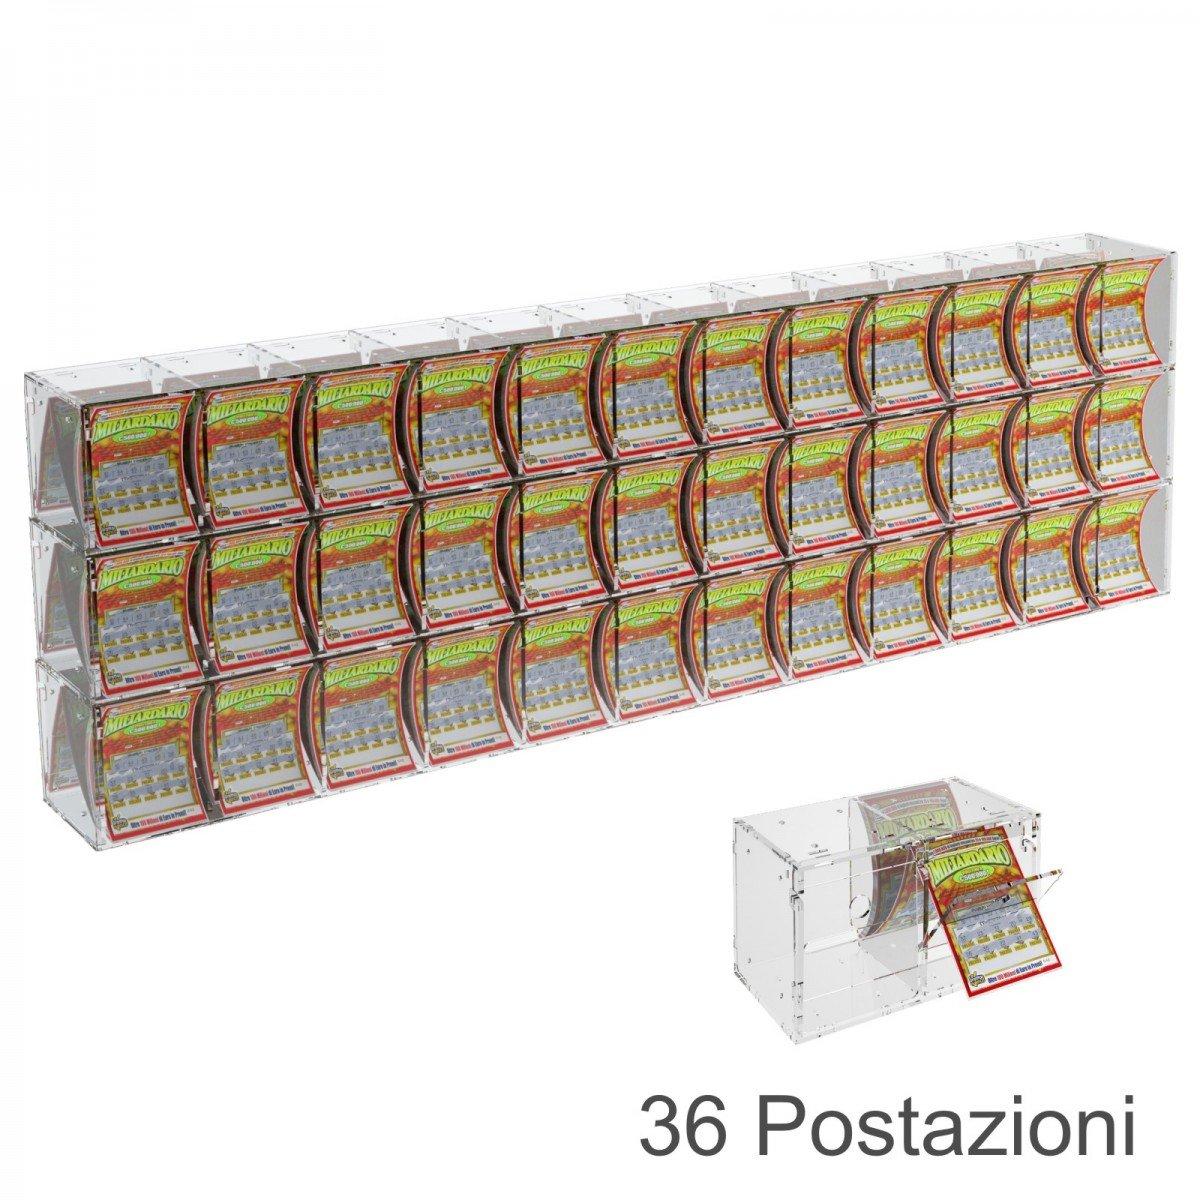 Espositore gratta e vinci da banco o da soffitto in plexiglass trasparente a 36 contenitori munito di sportellino frontale lato rivenditore